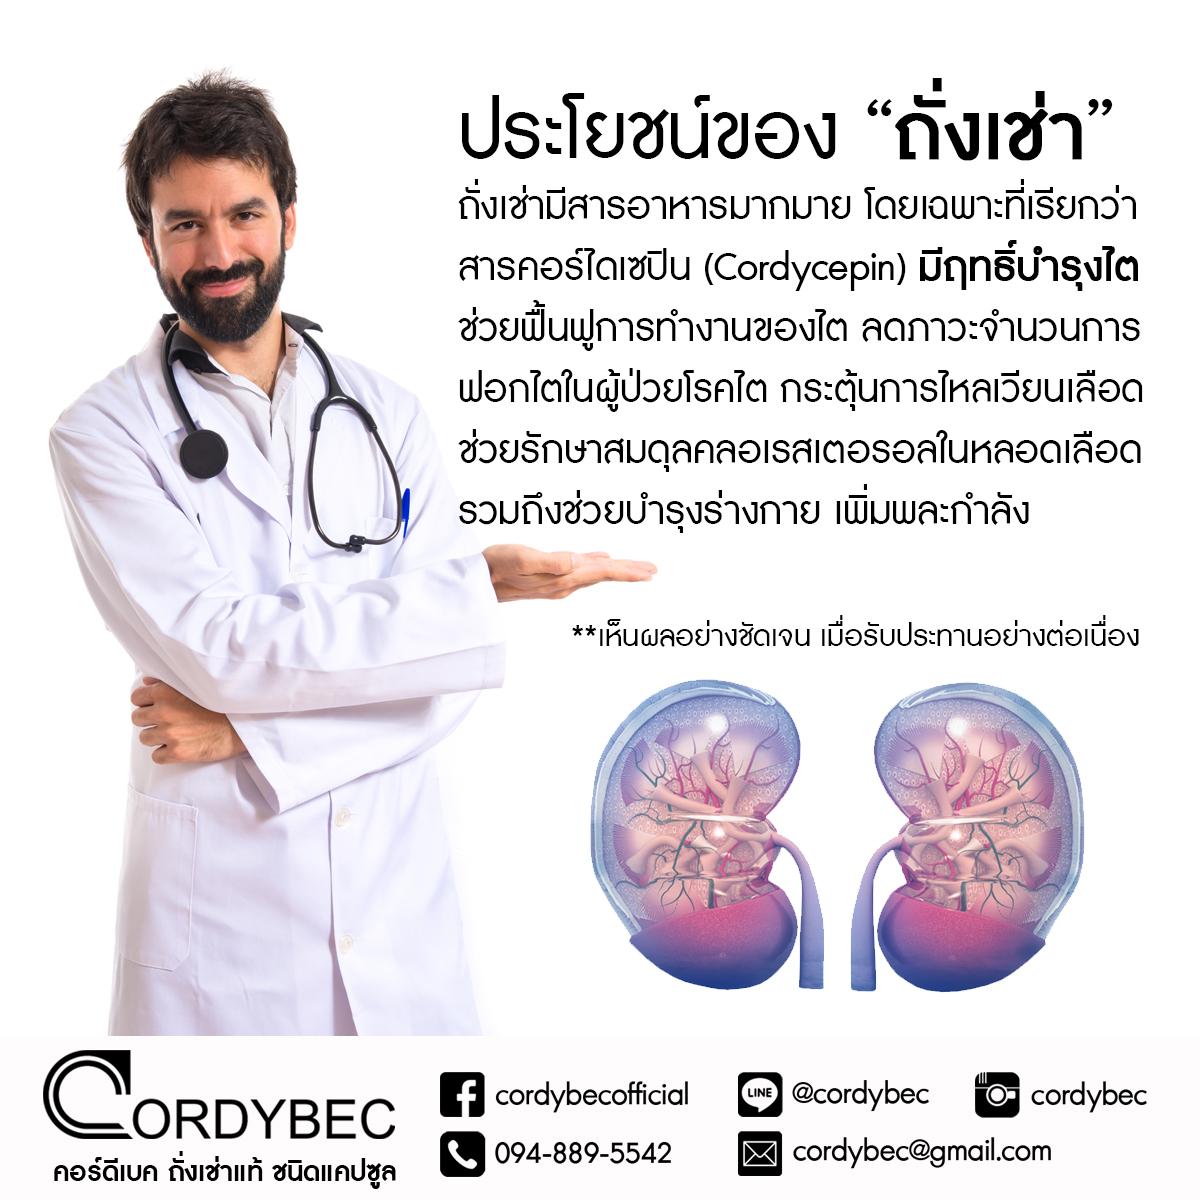 Cordybec kidney 015